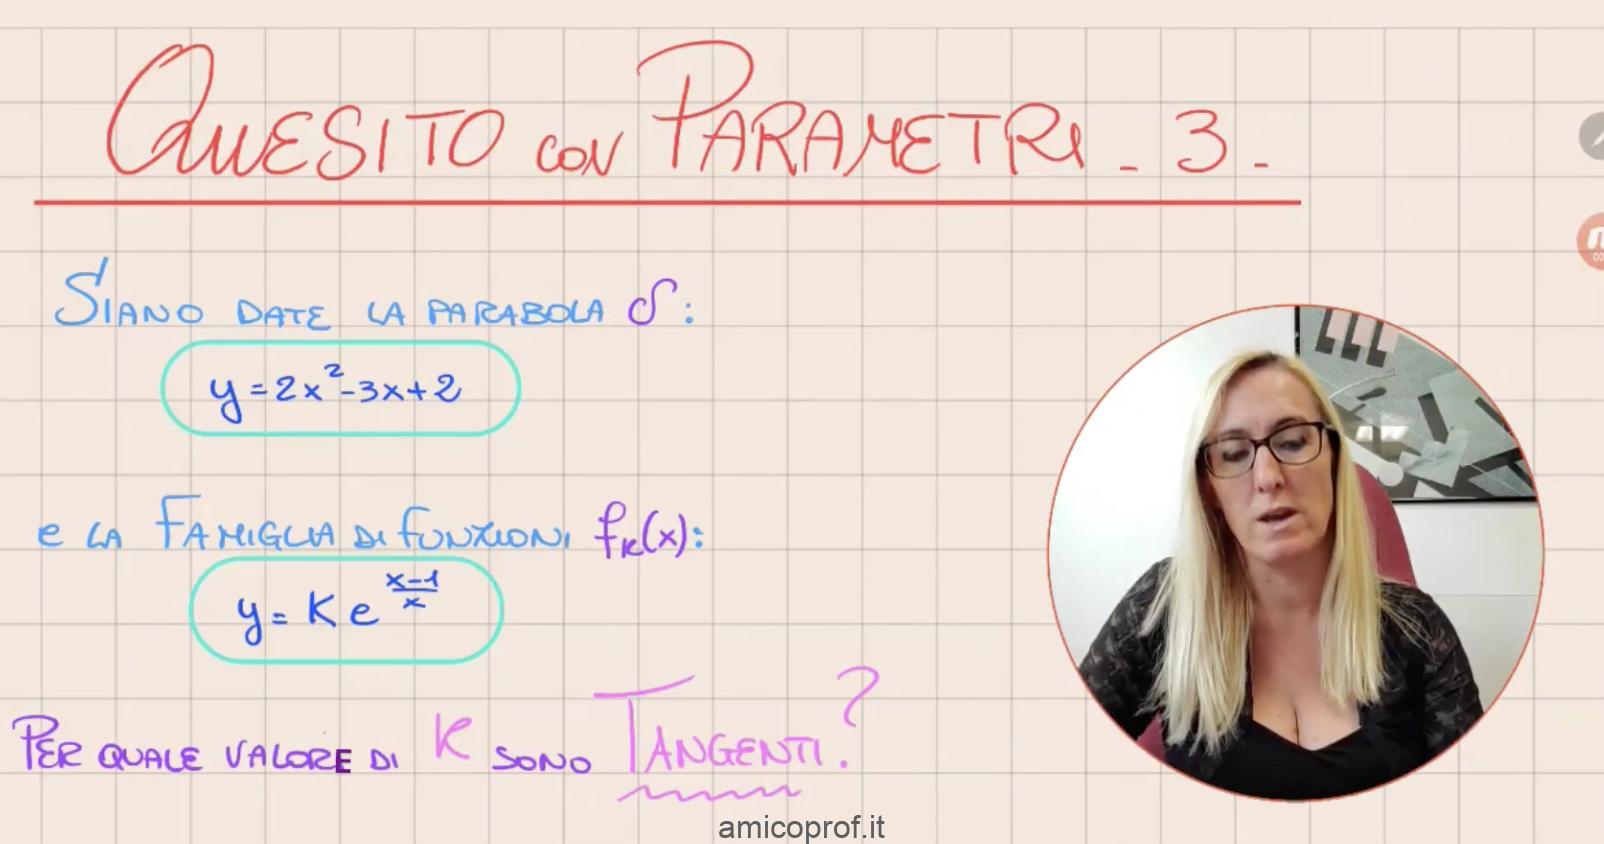 Videospiegazione di un esercizio di maturità: quesito matematico sulla parabola con parametro k